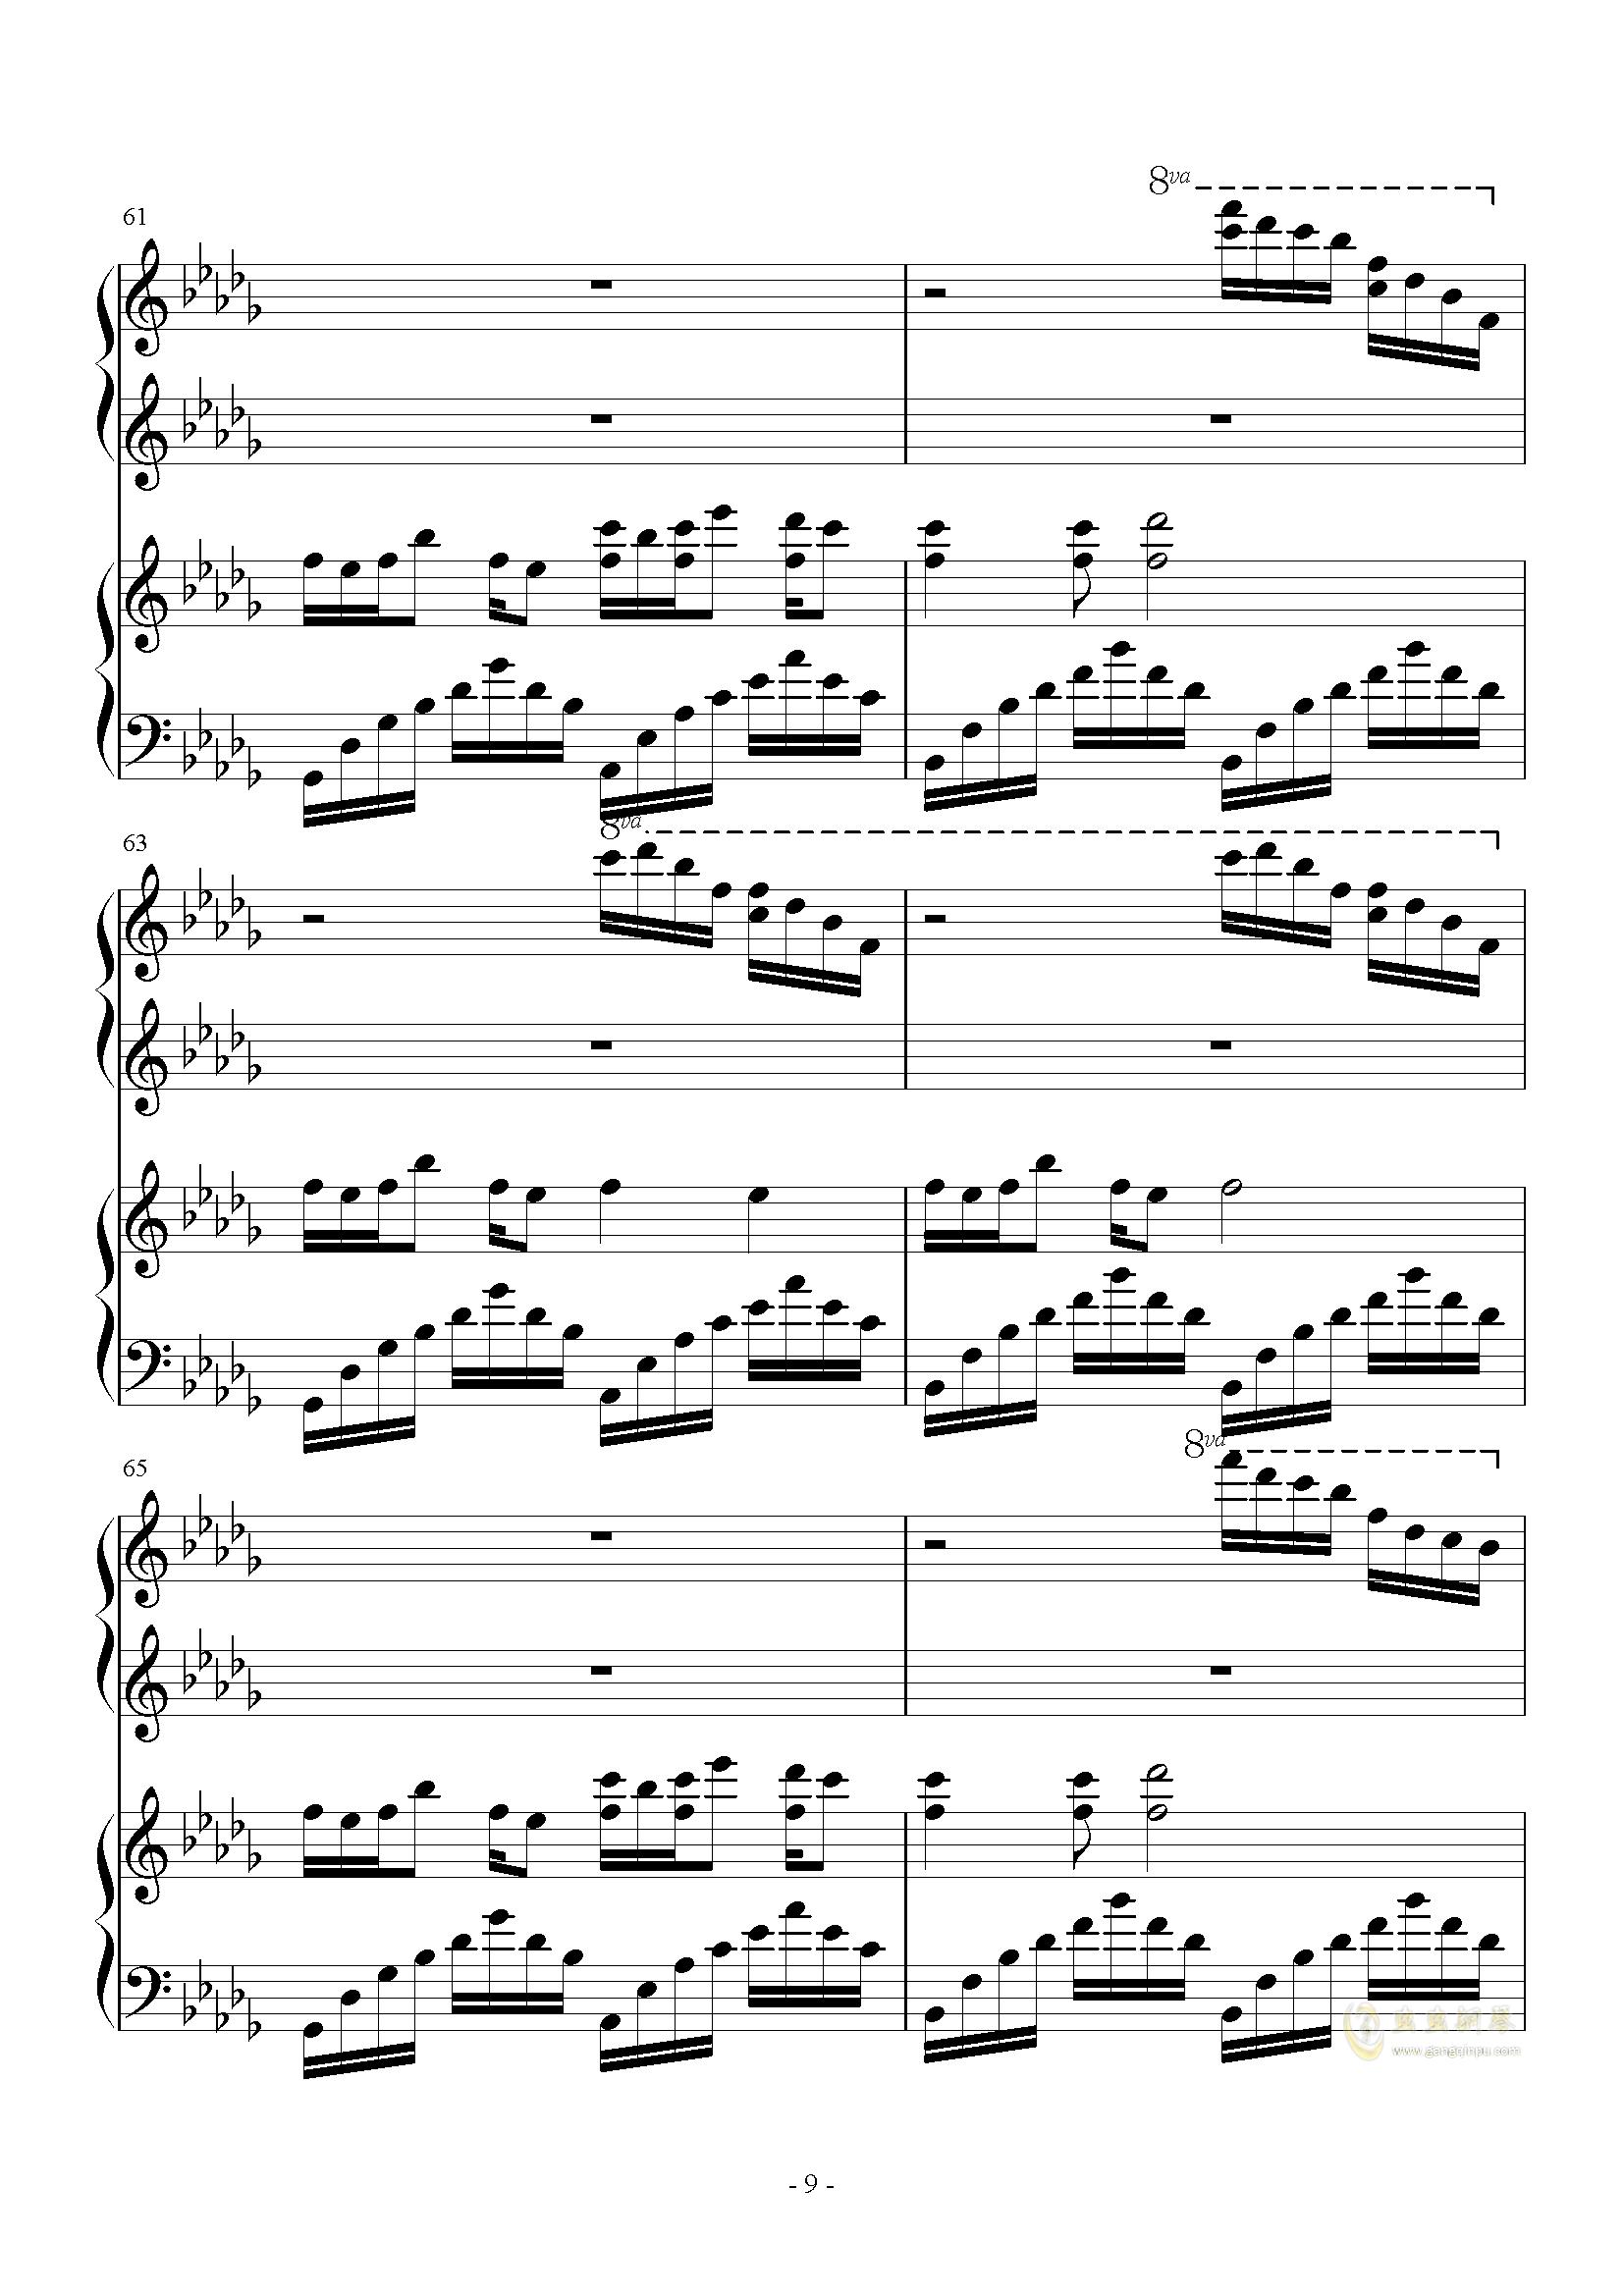 钢琴曲luv letter谱子